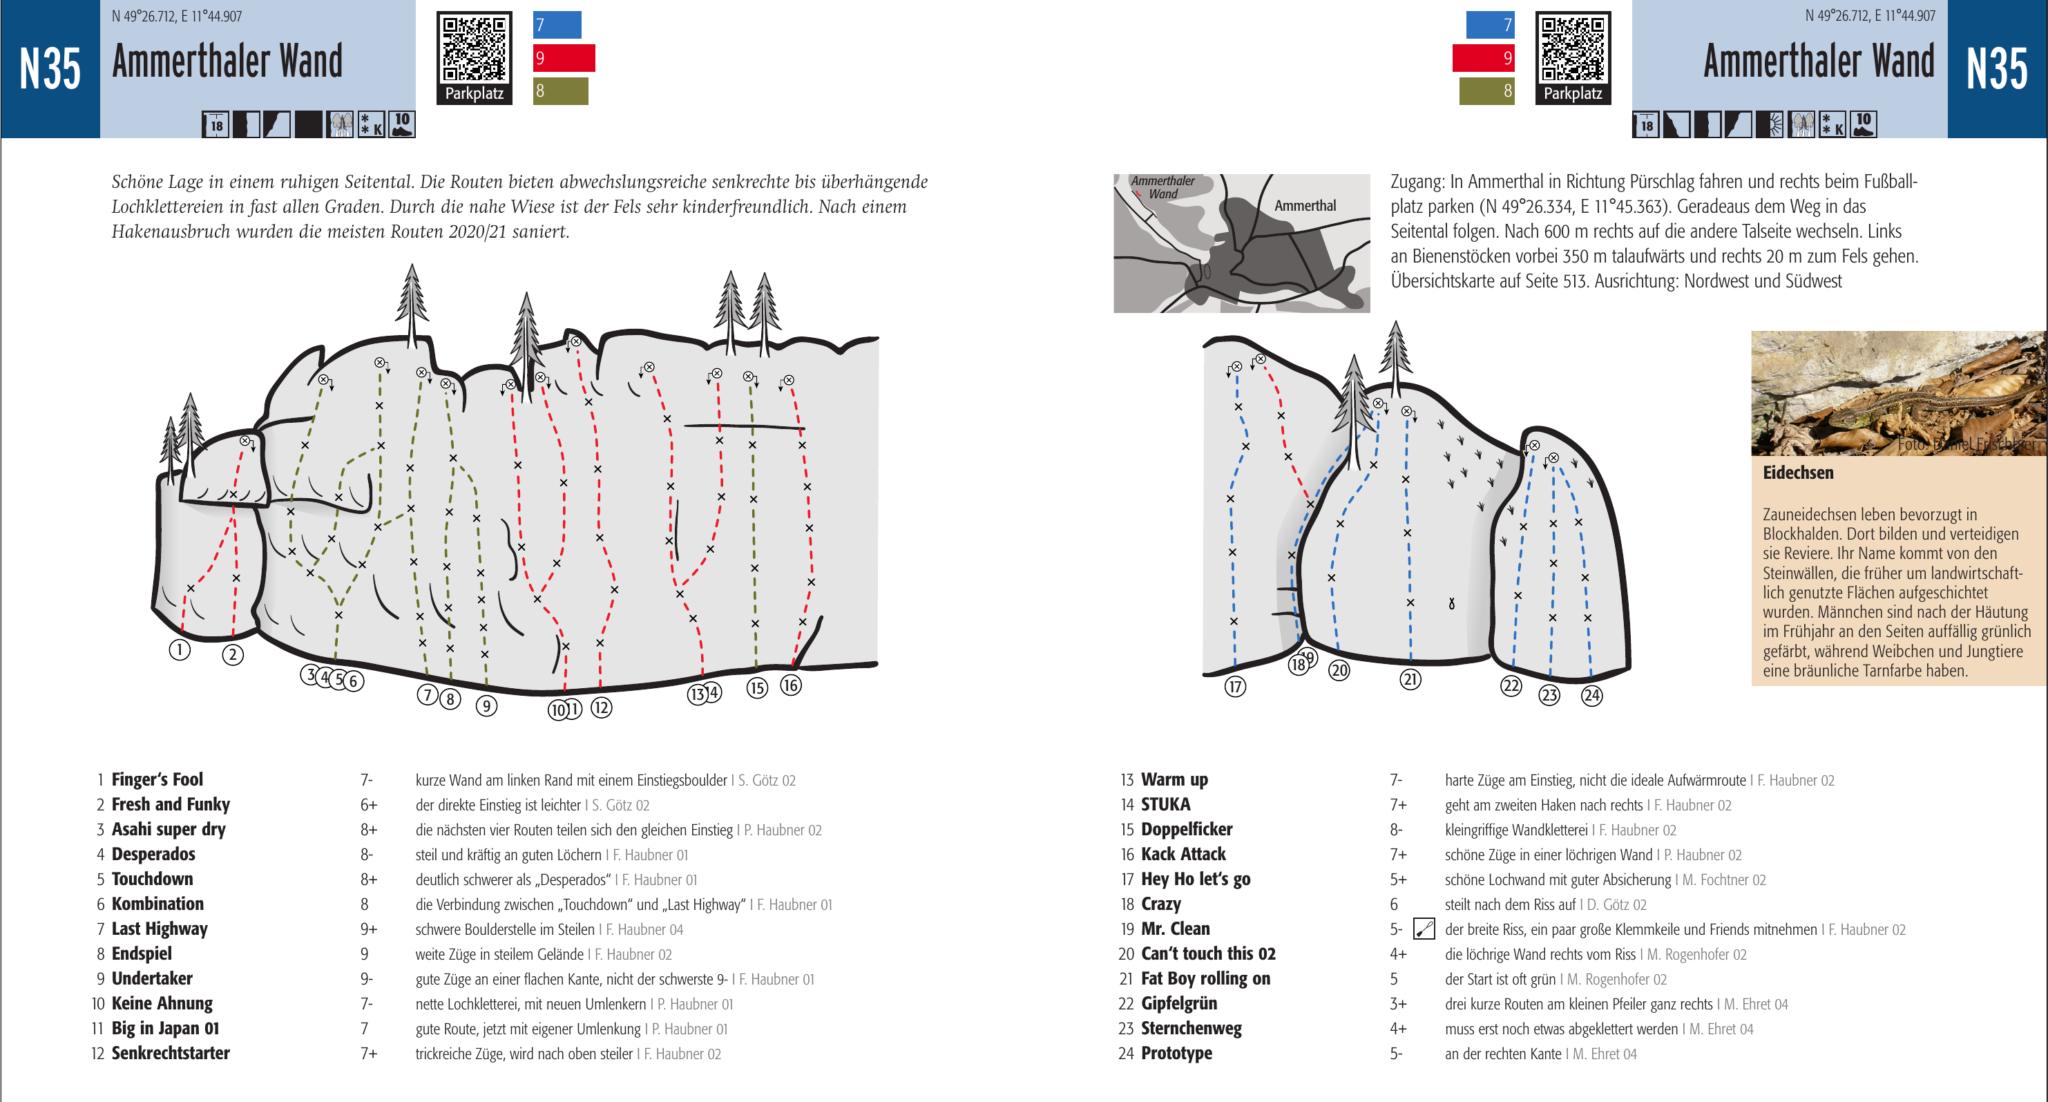 Die Grafik zeigt ein Klettertopo der Ammerthaler Wand